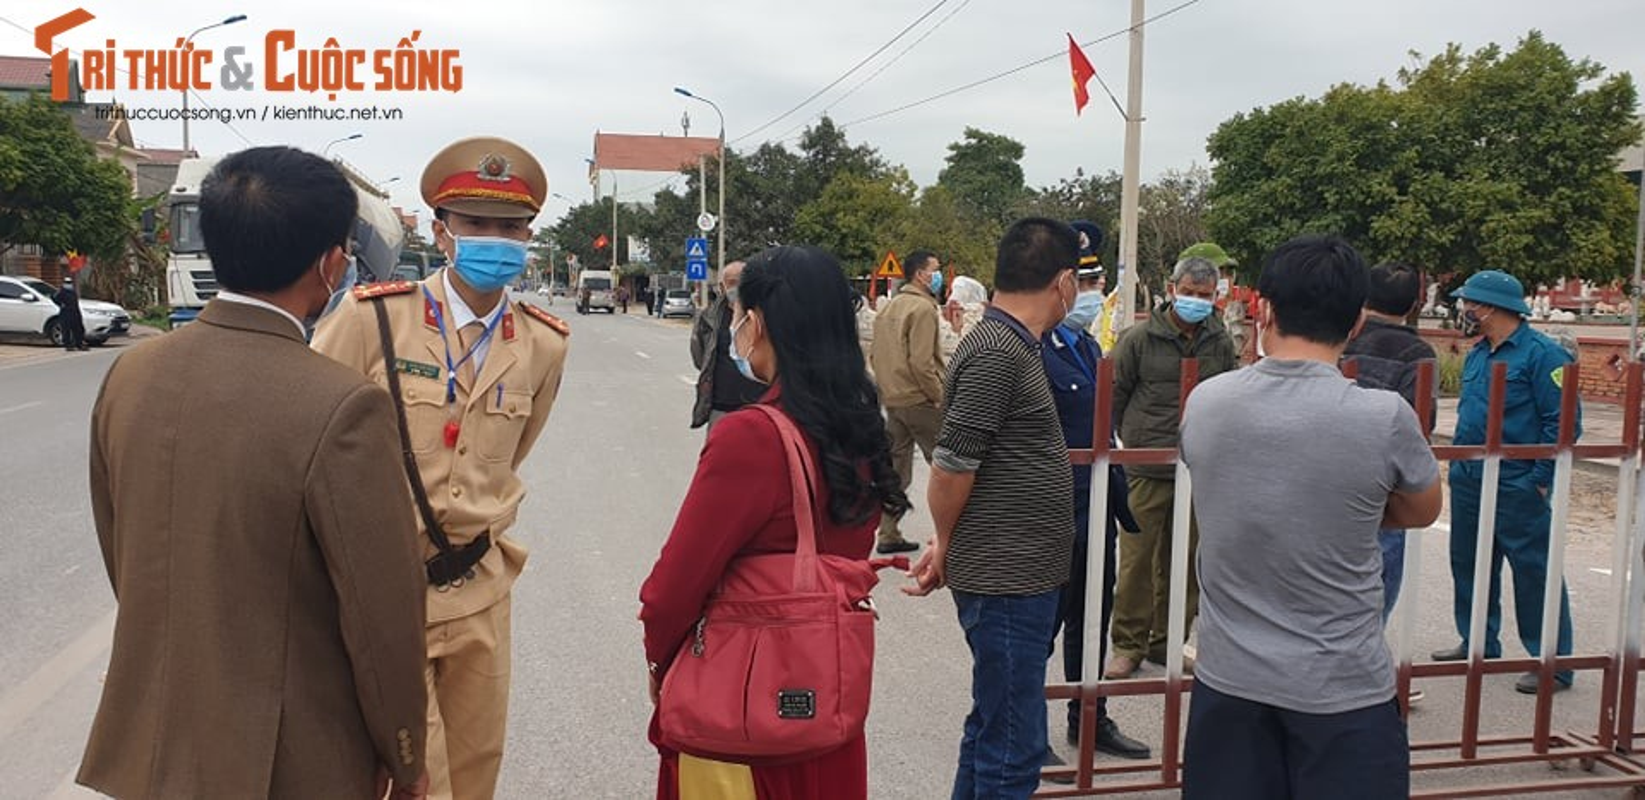 Quang Ninh lap chot kiem dich COVID-19, Quoc lo 18 un u keo dai-Hinh-9